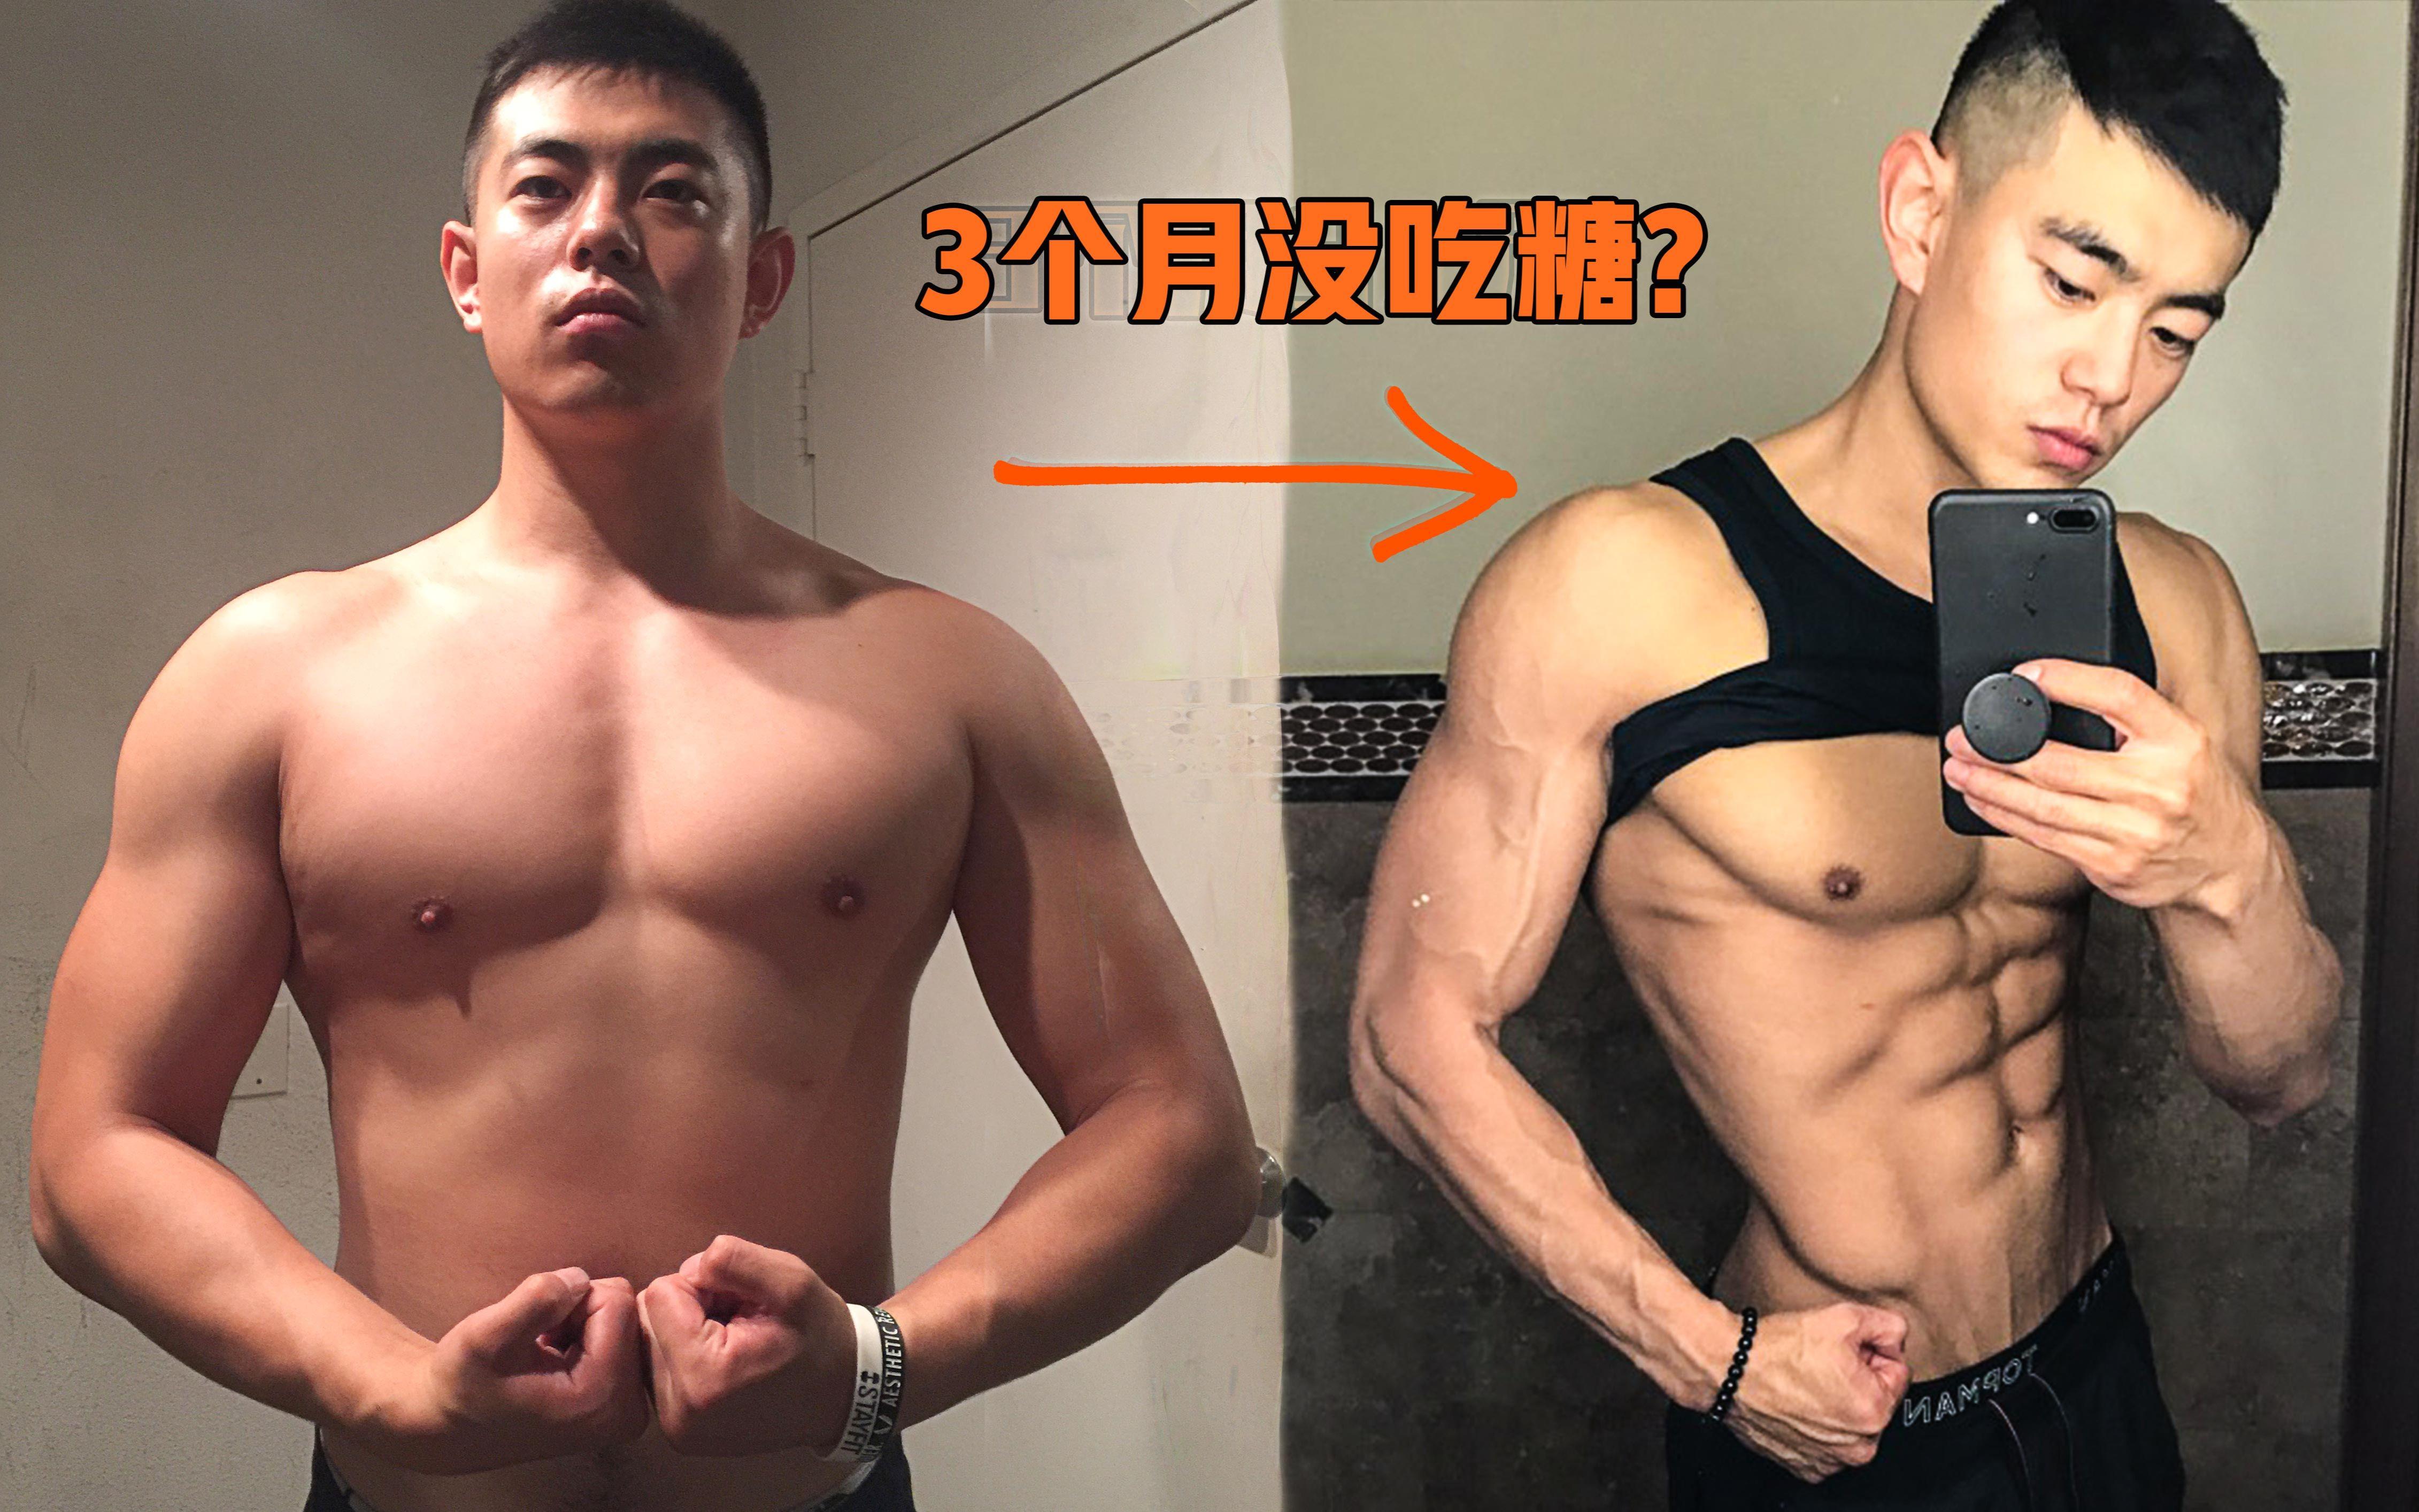 【你为什么总是减脂失败?!】新手常犯的7个错误!(新手必看).3个月减35斤的经验总结.